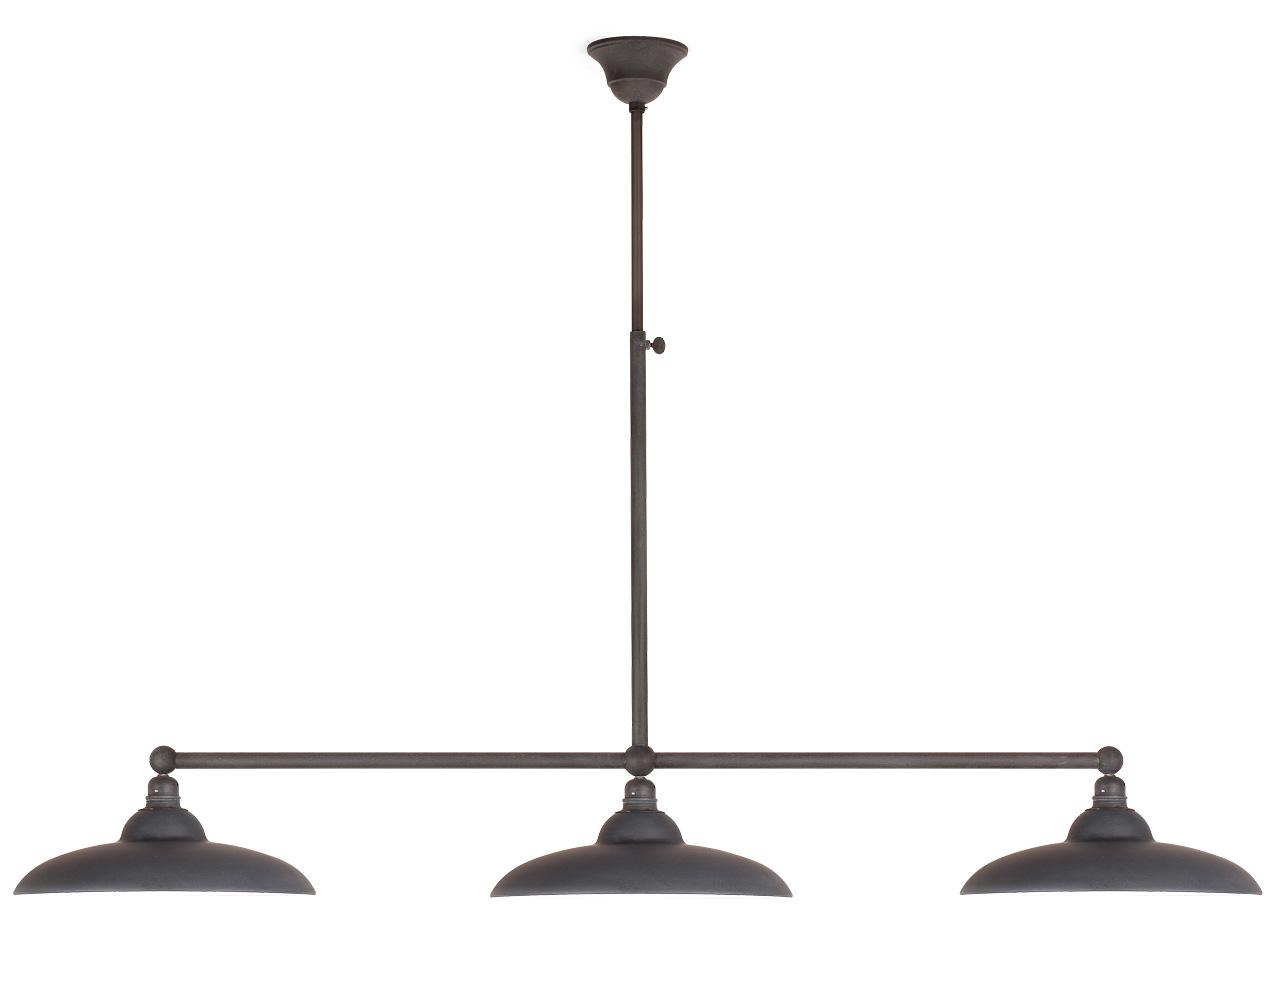 rustikale stabpendel balkenlampe mit drei flachen schirmen von breda. Black Bedroom Furniture Sets. Home Design Ideas